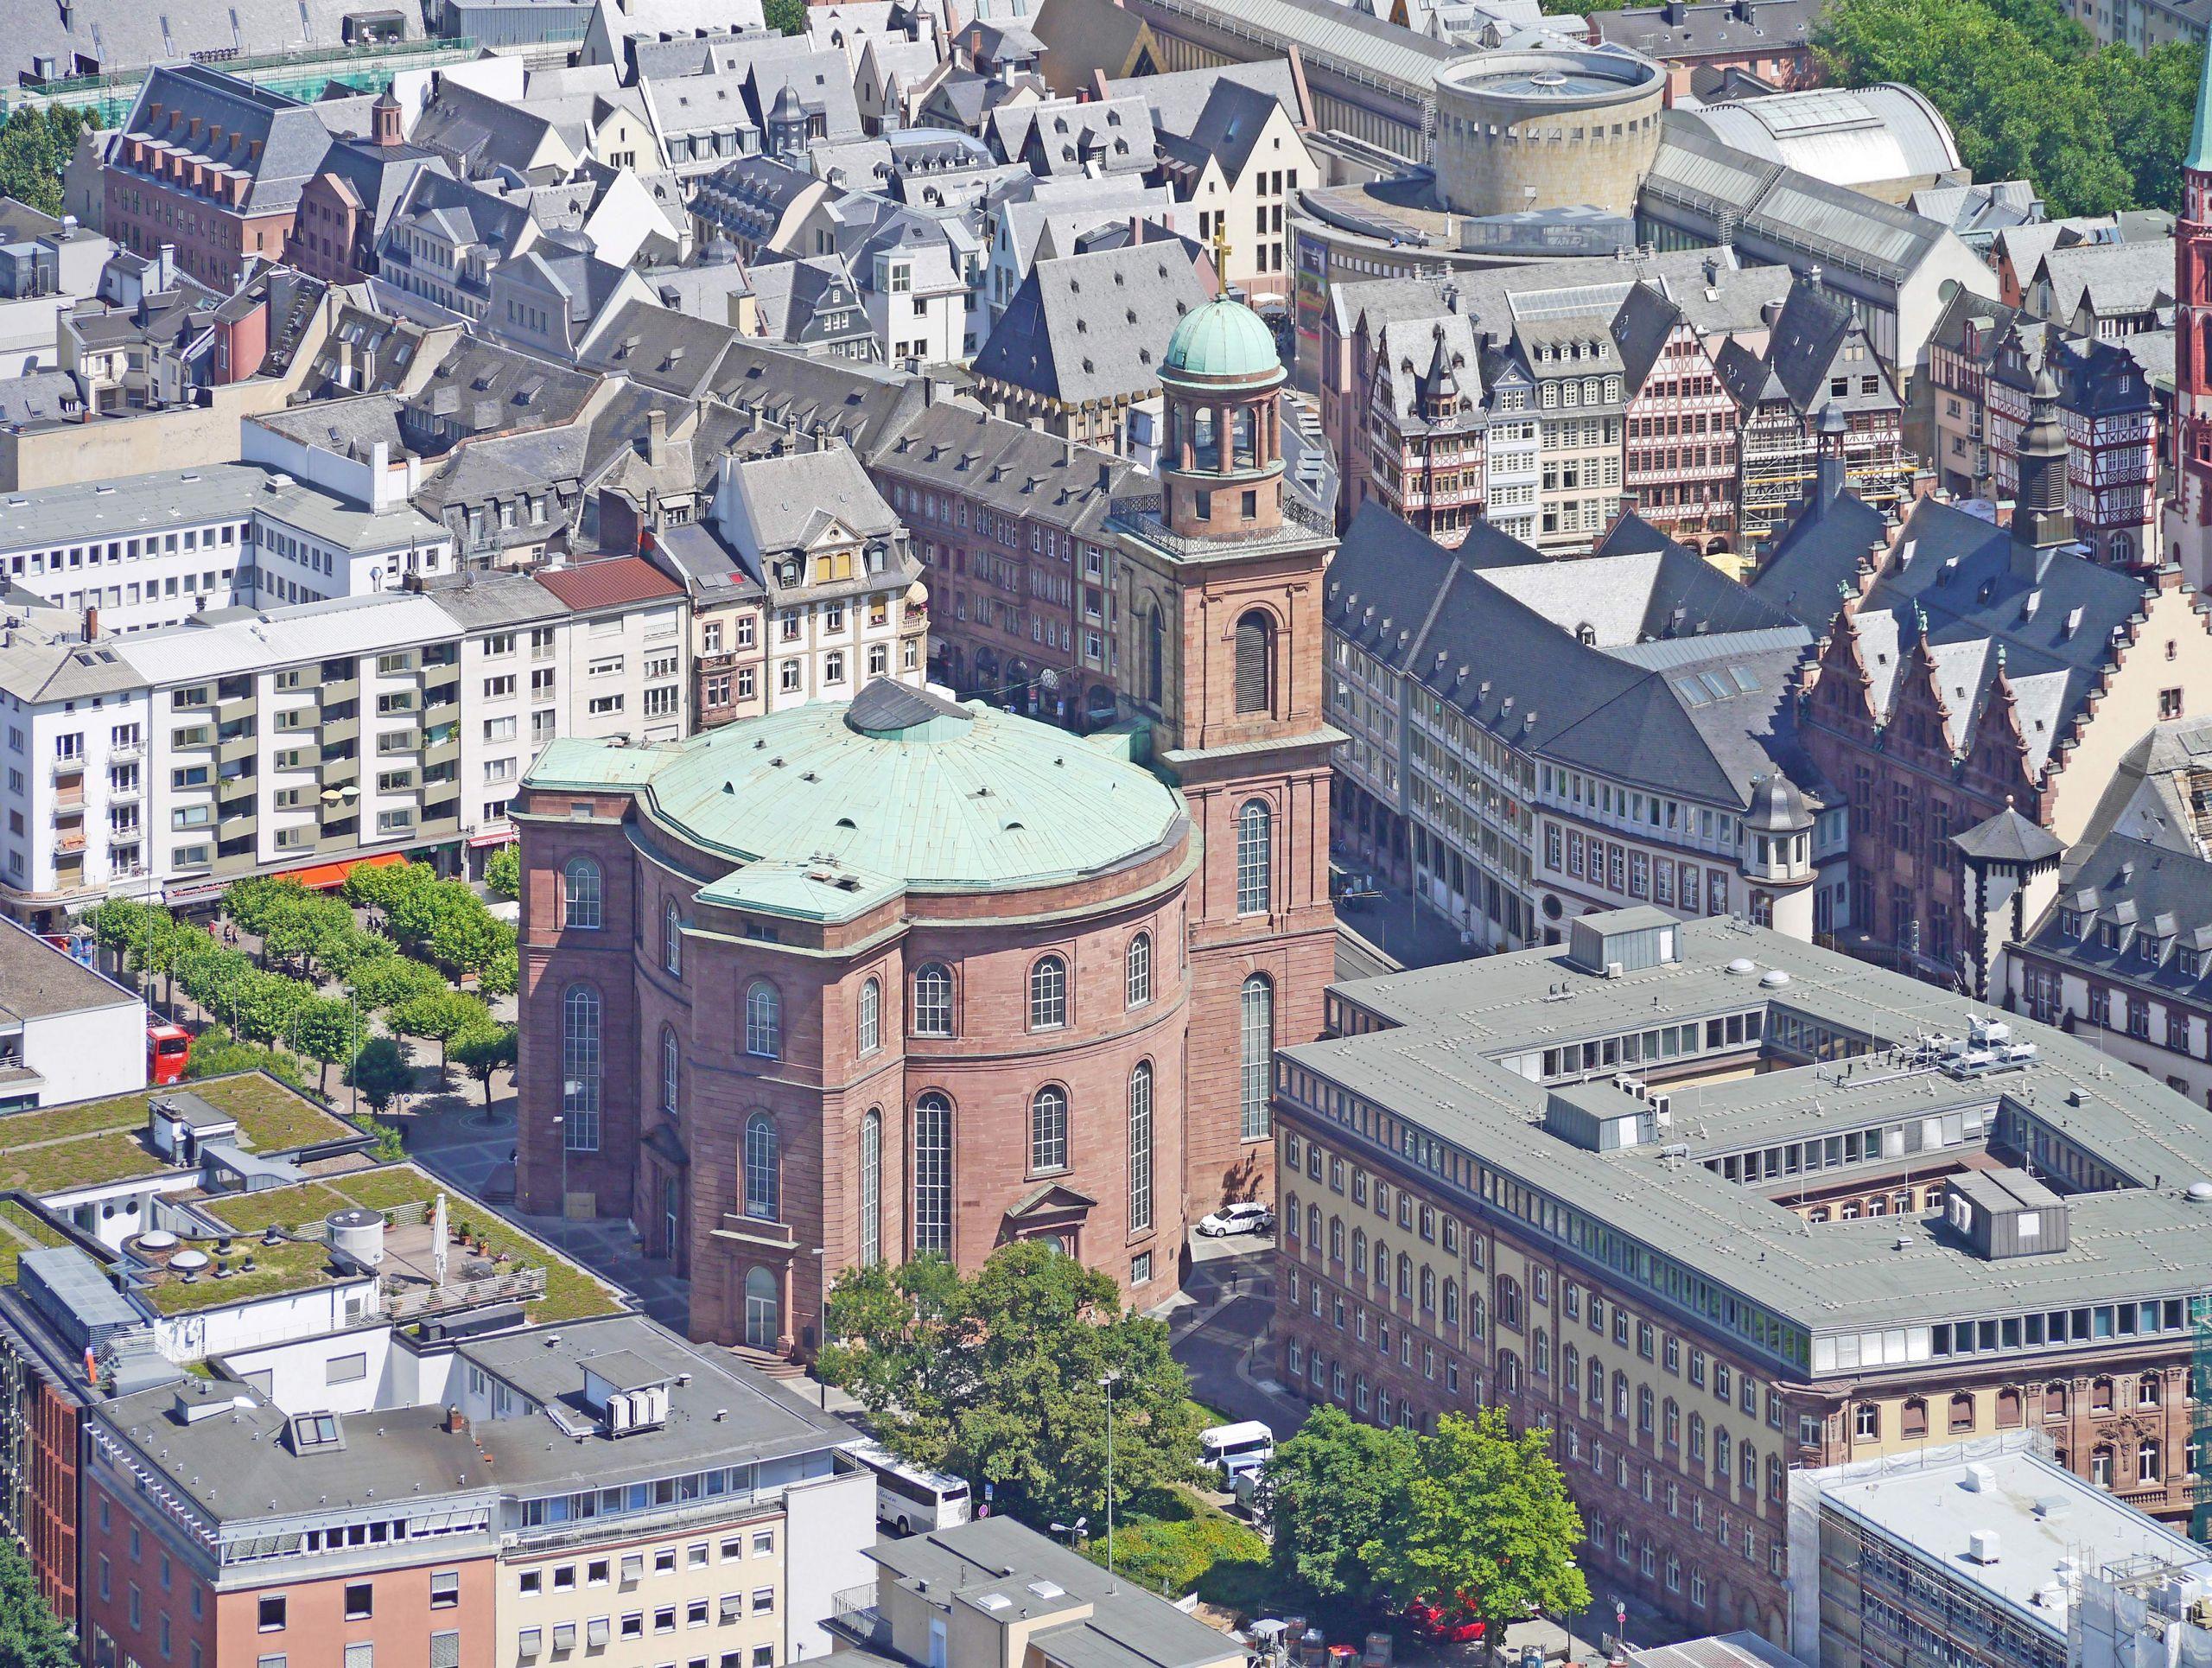 Frankfurter Paulskirche vor Dom Roemer Areal 2018 Ffm